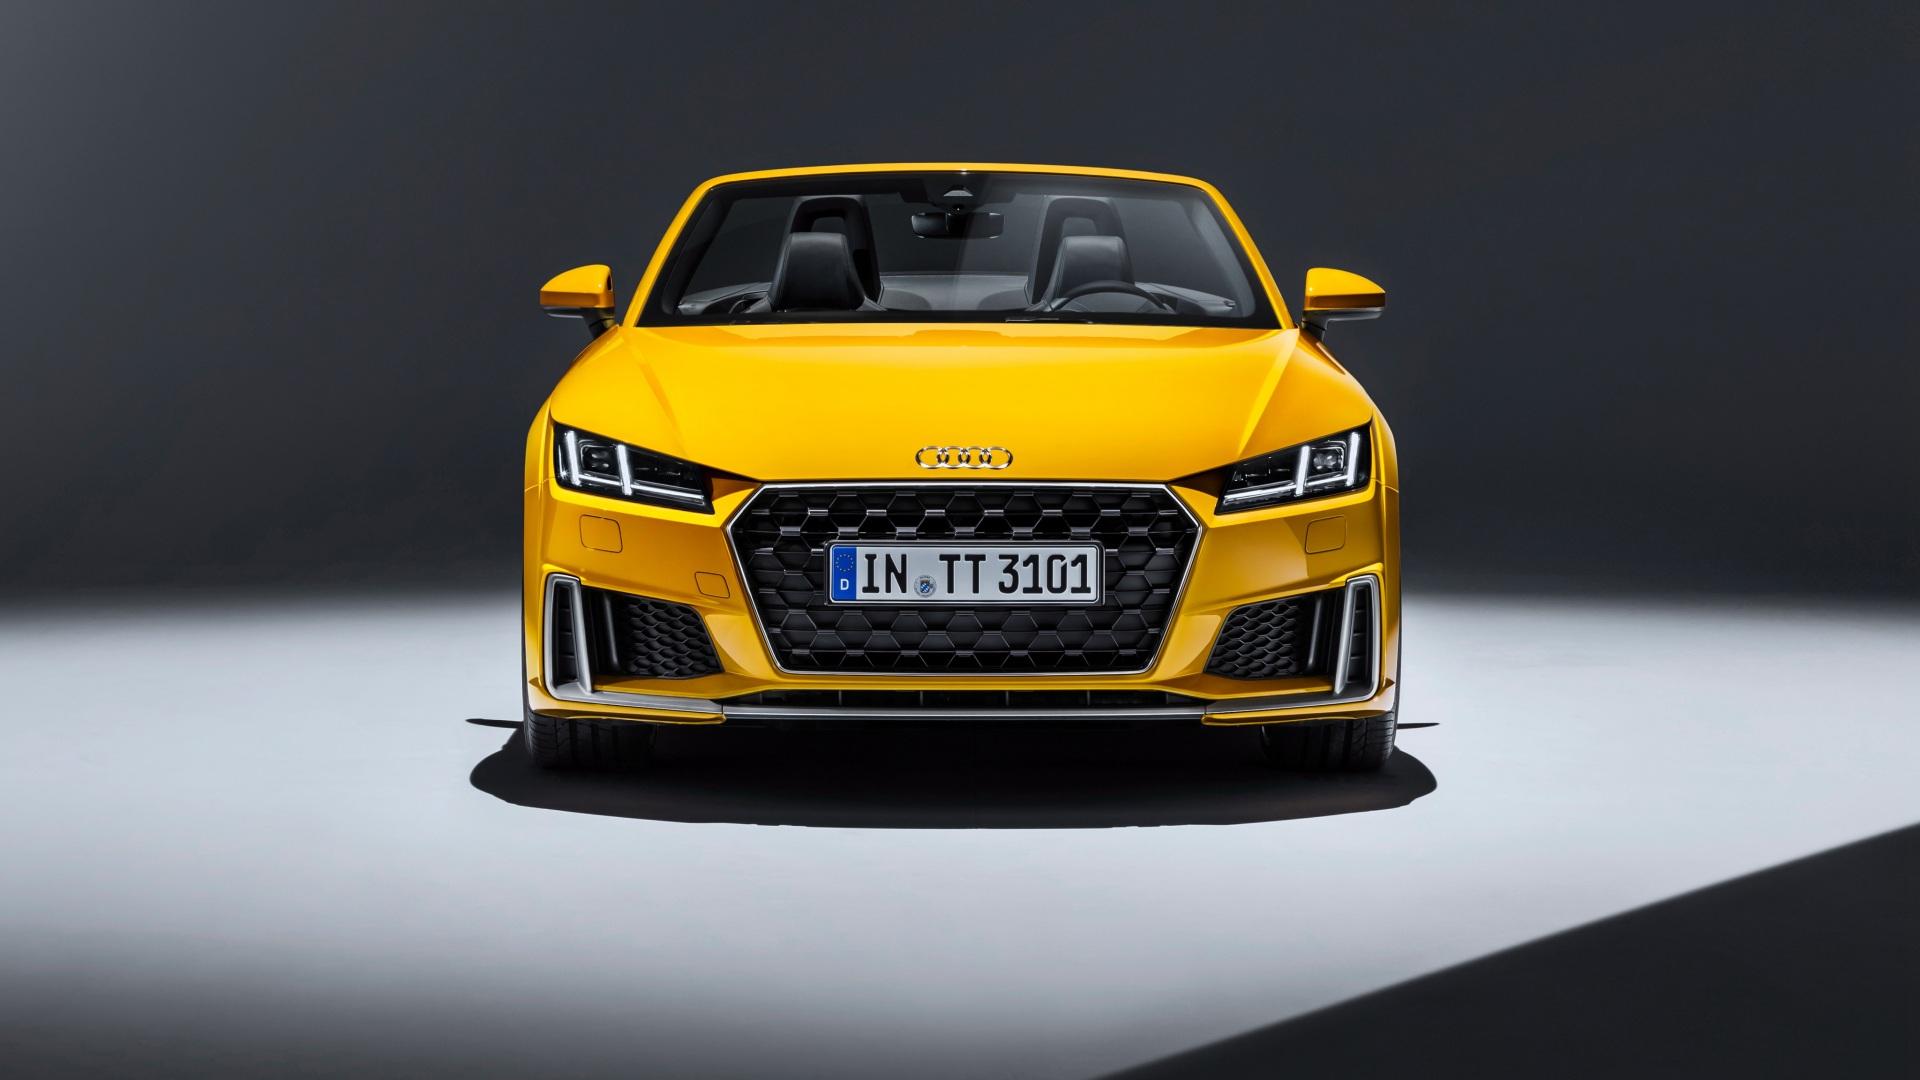 Картинка Audi 2018 TTS Родстер Желтый Спереди Автомобили 1920x1080 Ауди Авто Машины